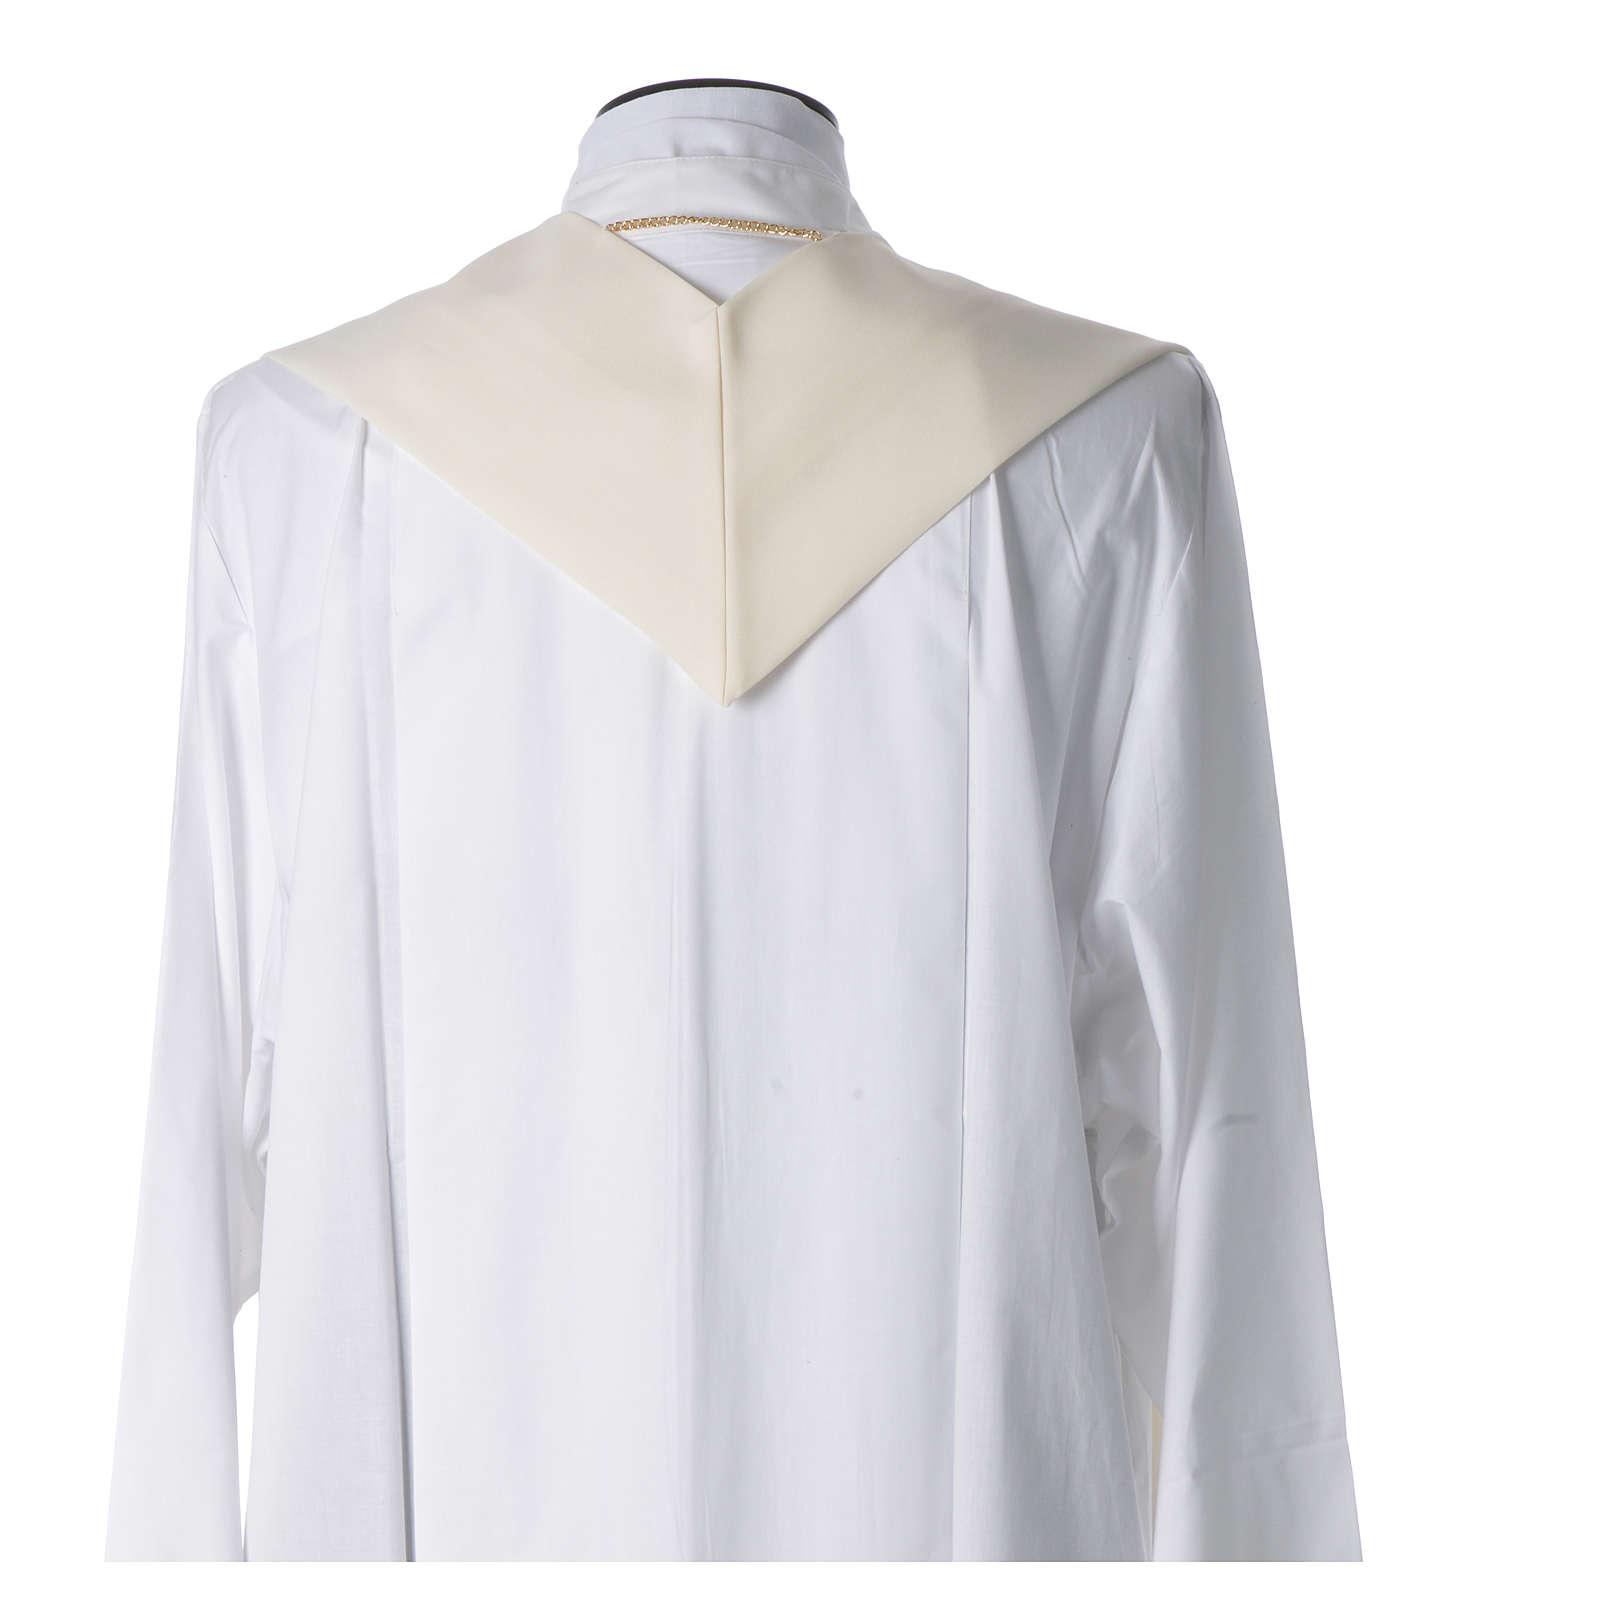 STOCK Étole Jubilé de la Miséricorde Pape François 4